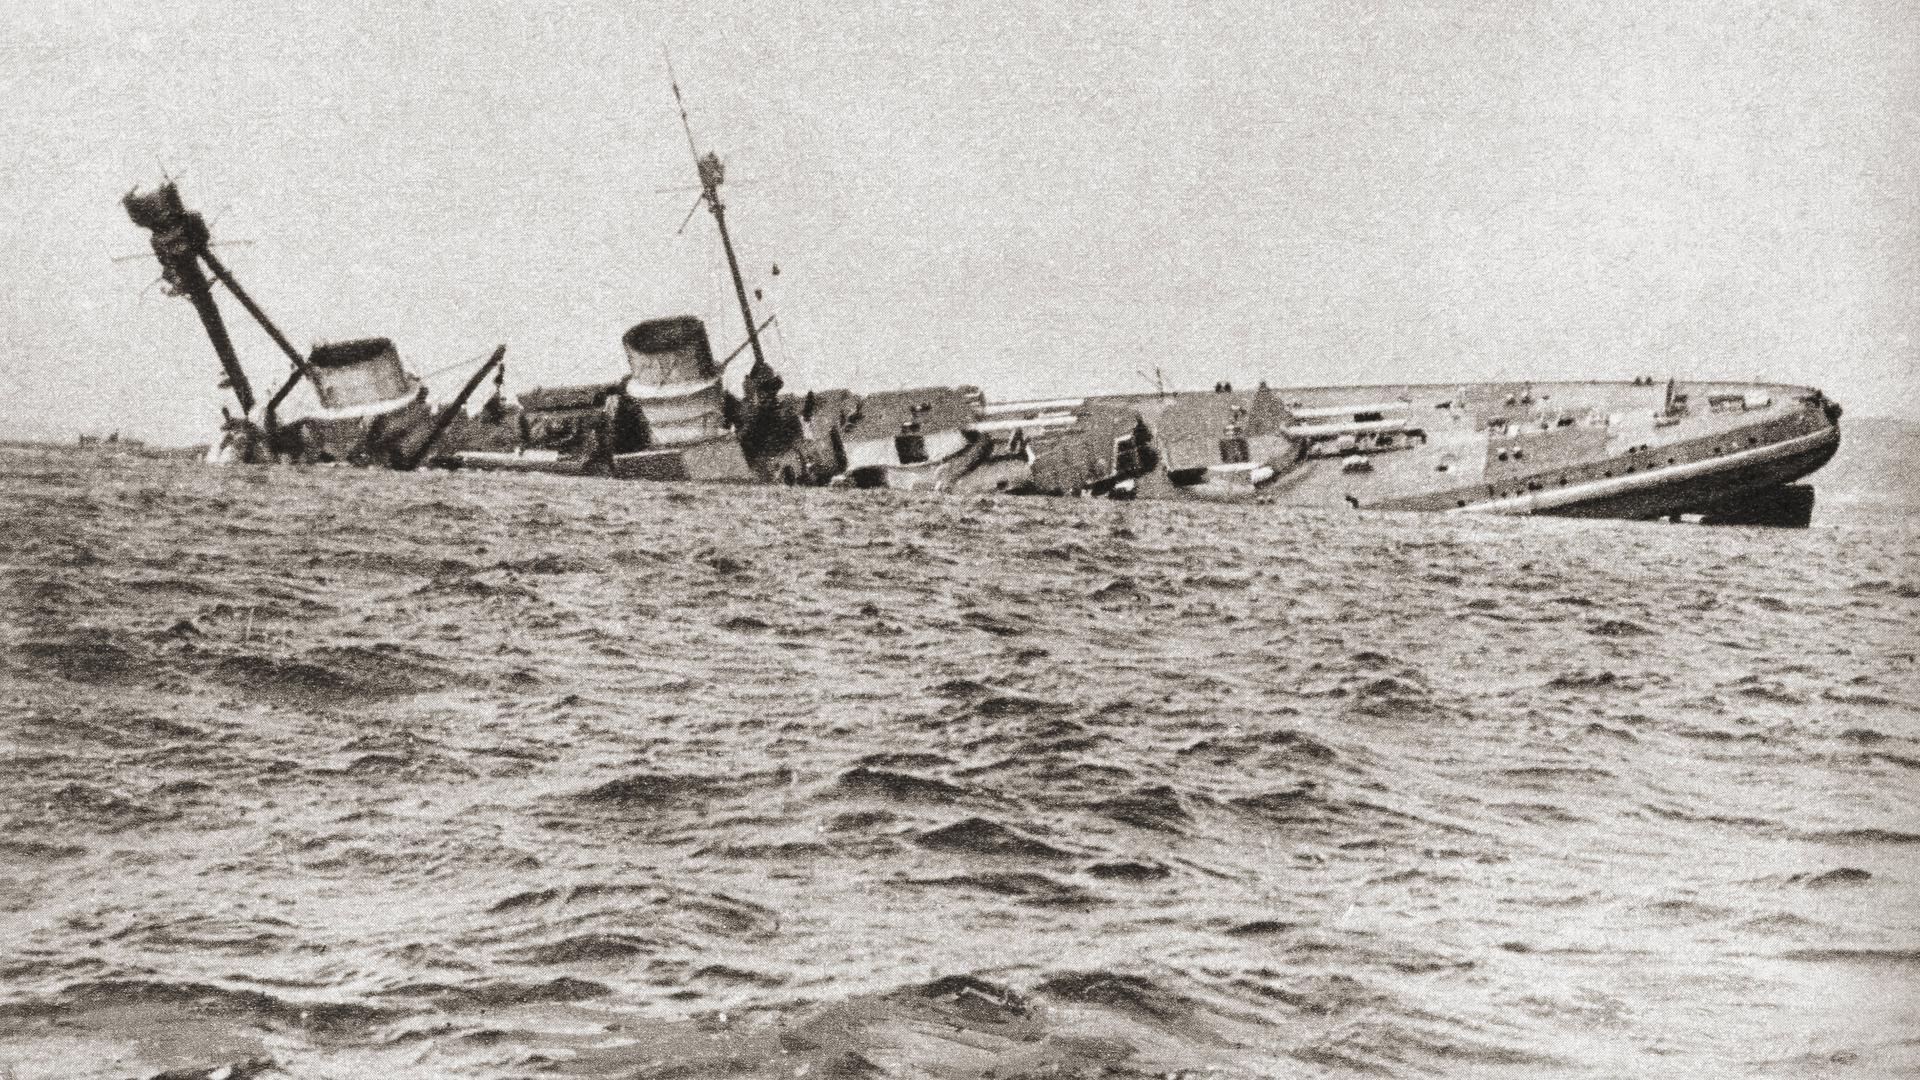 Das deutsche Kriegsschiff SMS Derfflinger sank wie der Rest der Kaiserlichen Hochseeflotte im Juni 1919 in der schottischen Bucht Scapa Flow. Der Stahl der deutschen Wracks ist strahlungsarm und deswegen bei Physikern beliebt.